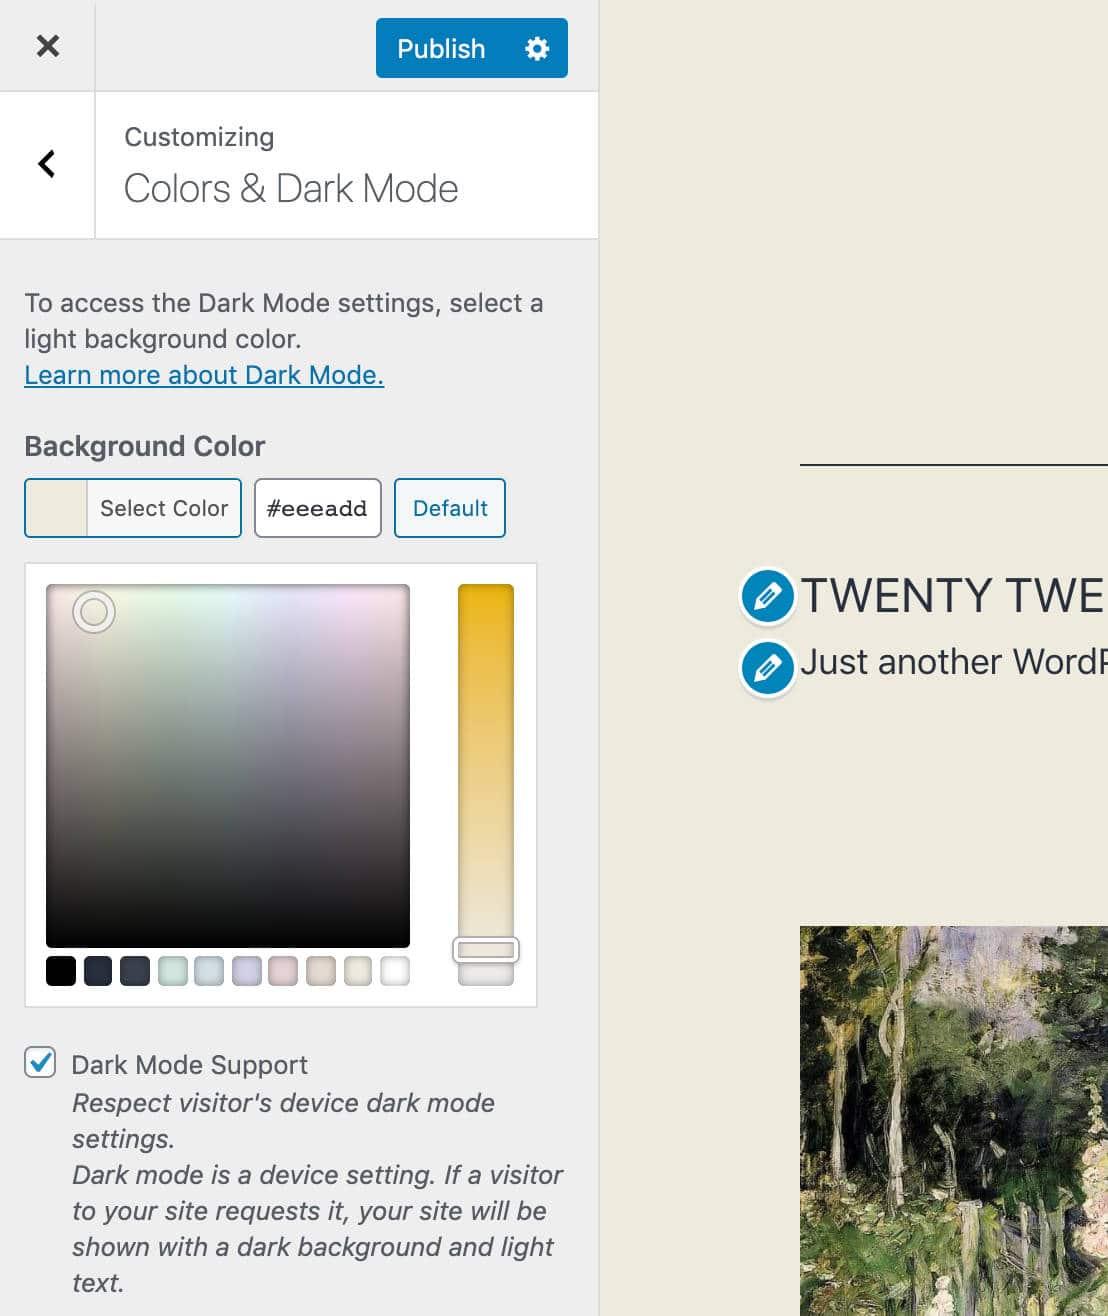 Colores y ajustes del Modo Oscuro